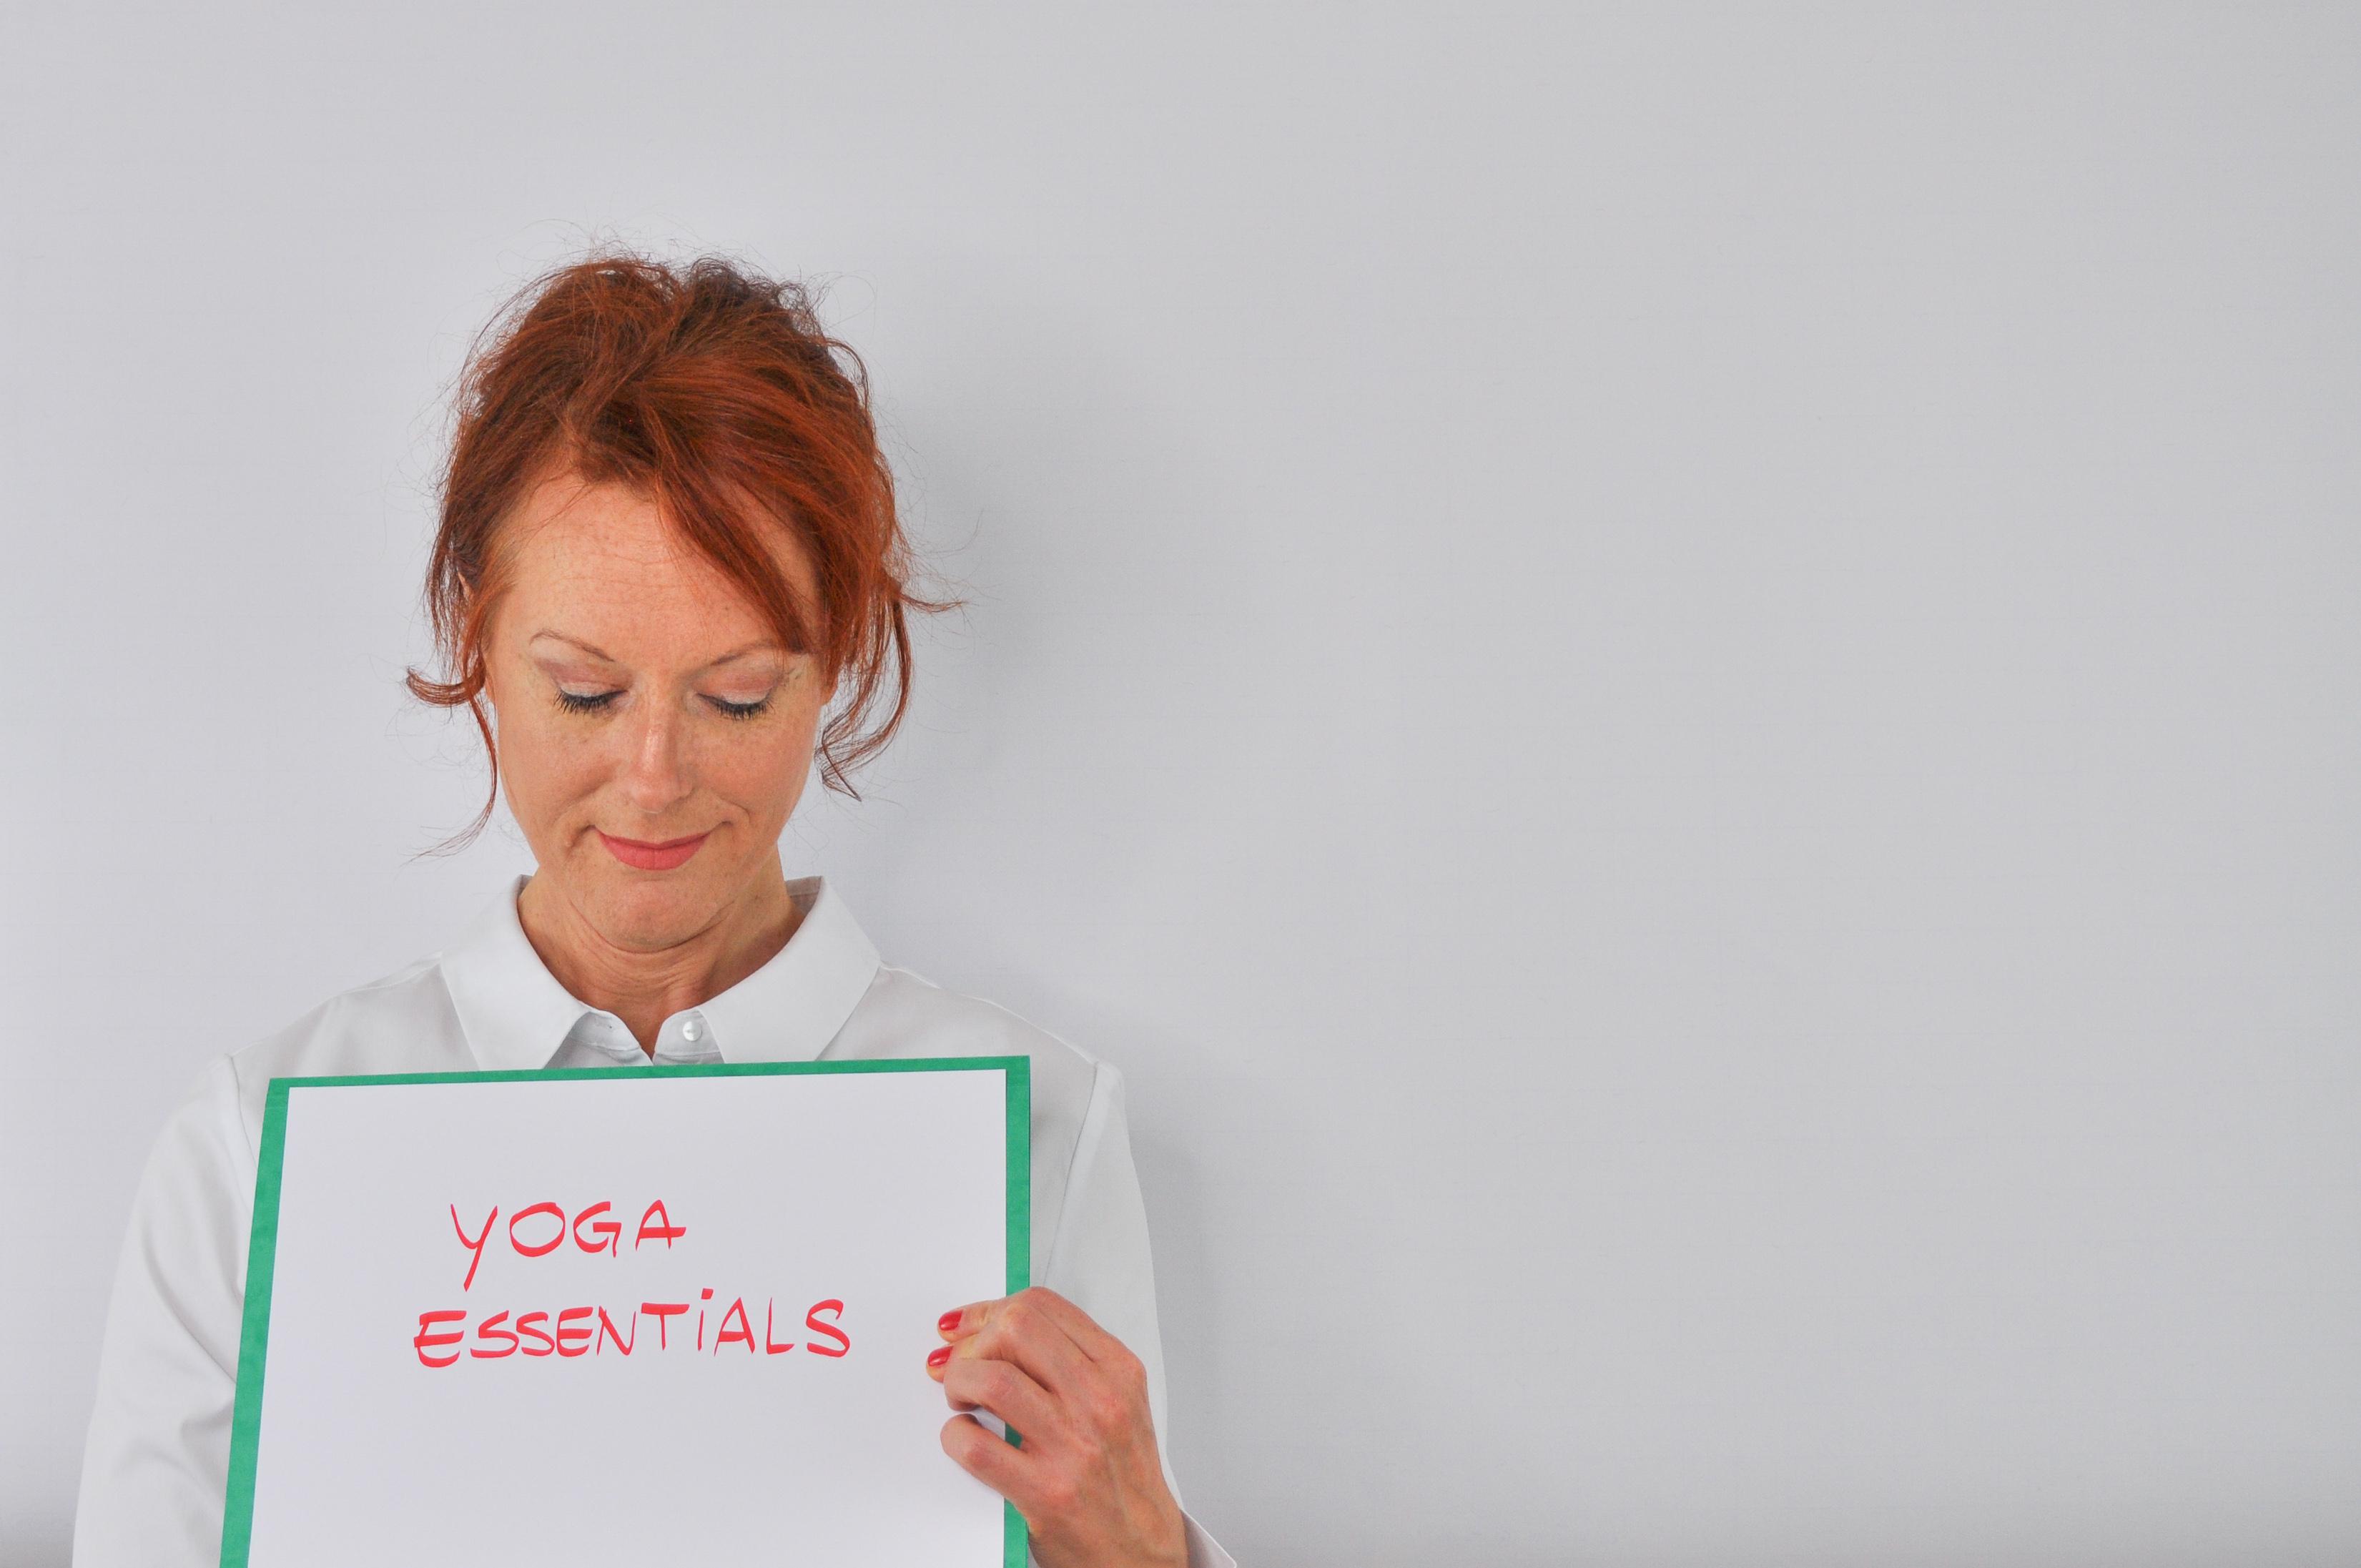 Mein Angebot für Yoga-Einsteiger: Yoga Essentials